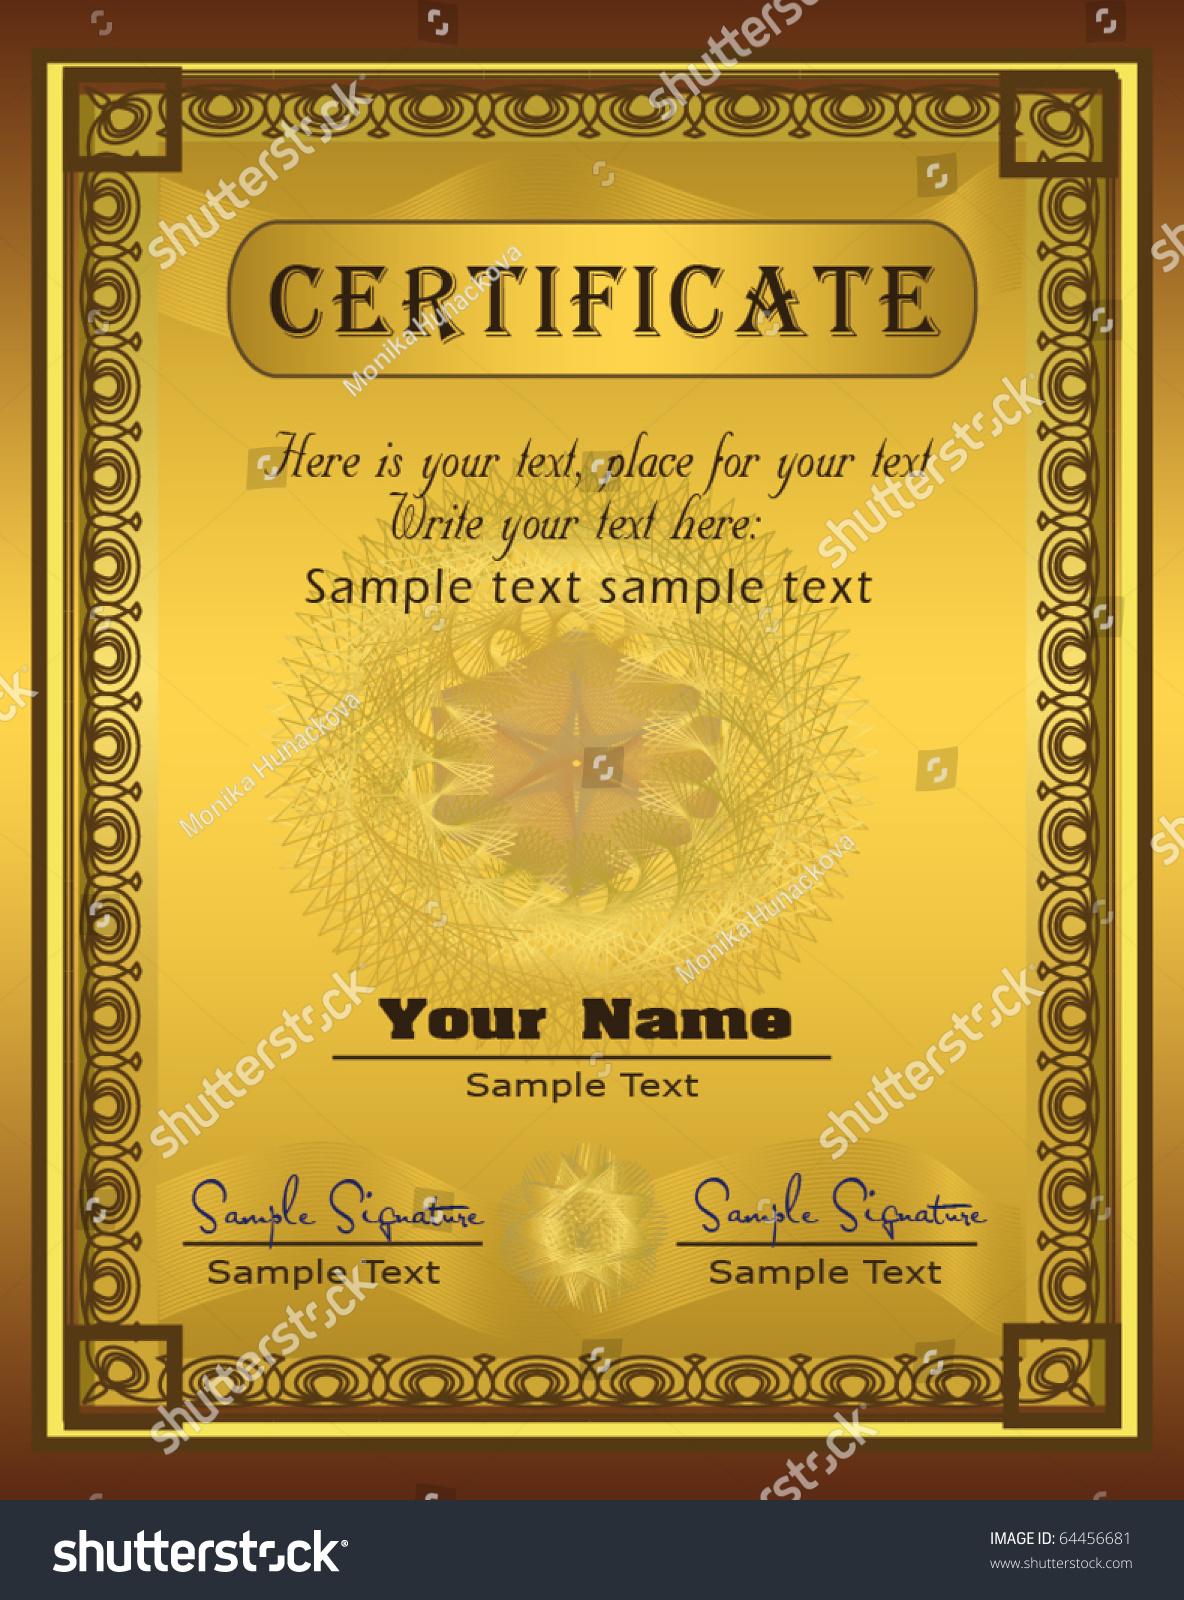 Великолепные диплом шаблон сертификата 03, векторный файл - 365psd.com.